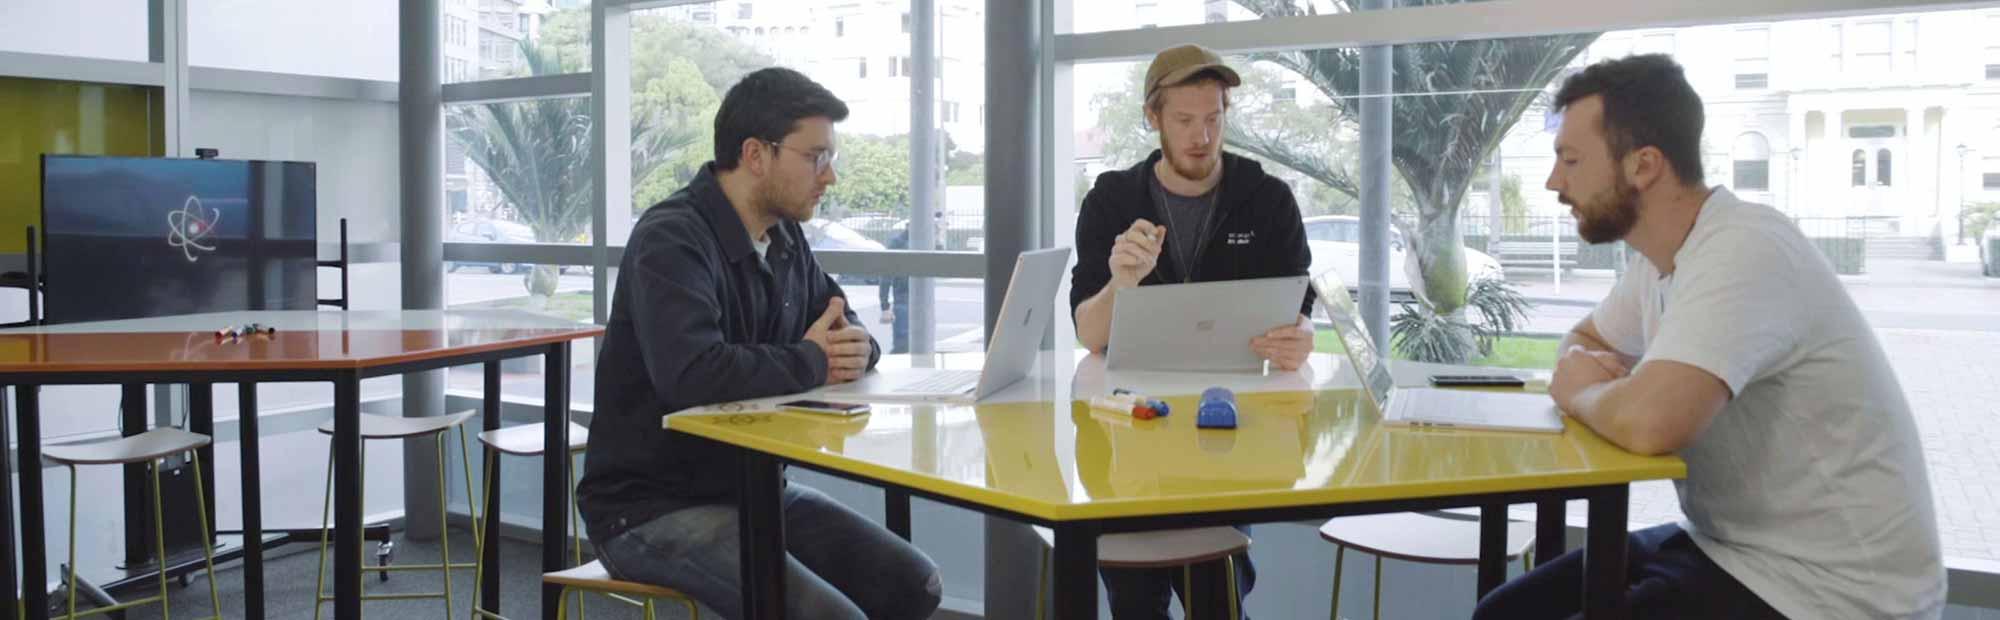 Entrepreneurs using The Atom innovation space.